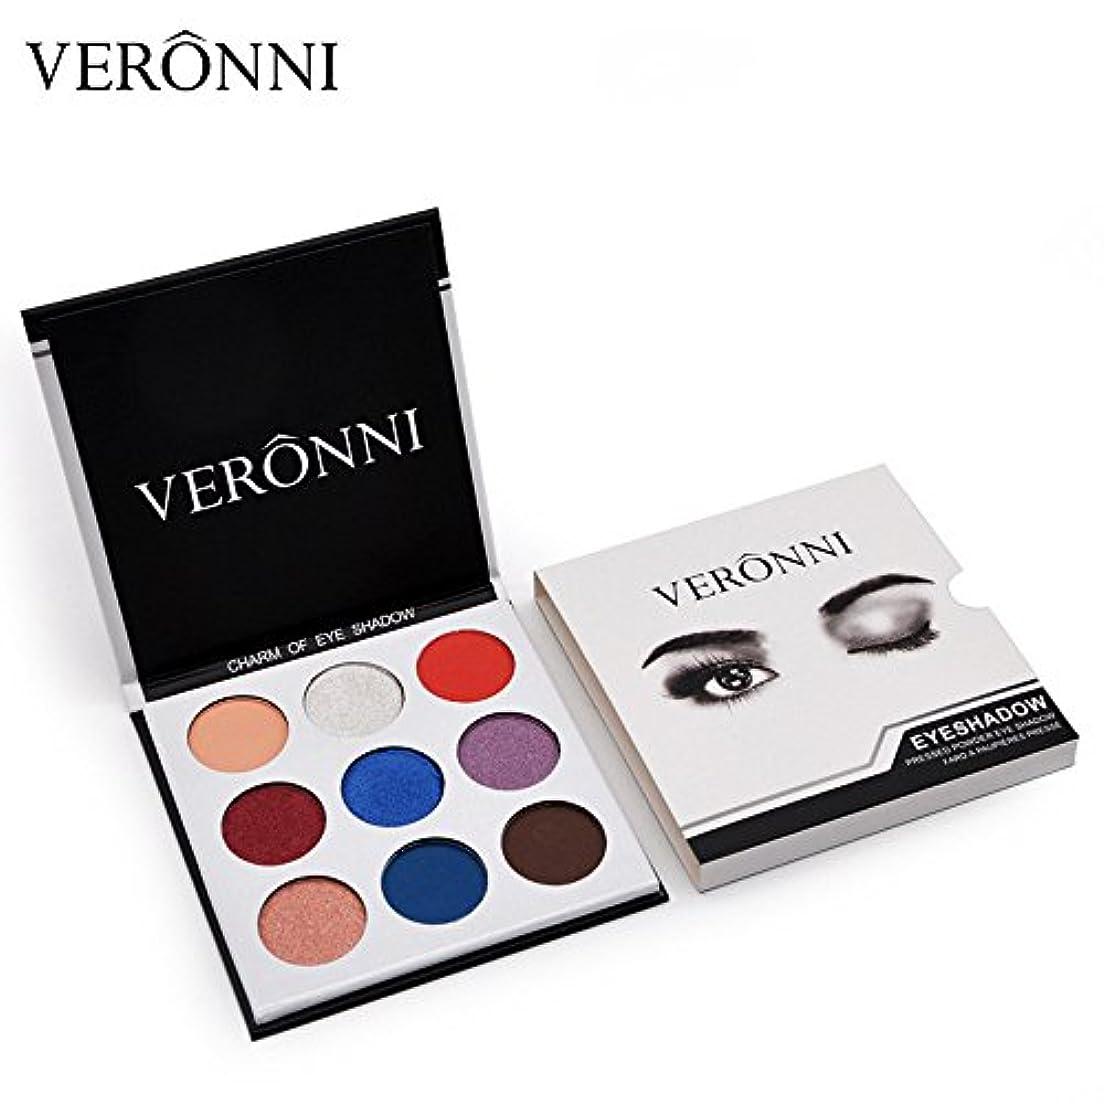 割り当てます生産的ビーズAkane アイシャドウパレット ファッション VERONNI 人気 魅惑 魅力的 マット おしゃれ チャーム 綺麗 長持ち 落としにくい 持ち便利 Eye Shadow (9色) #3 holiday